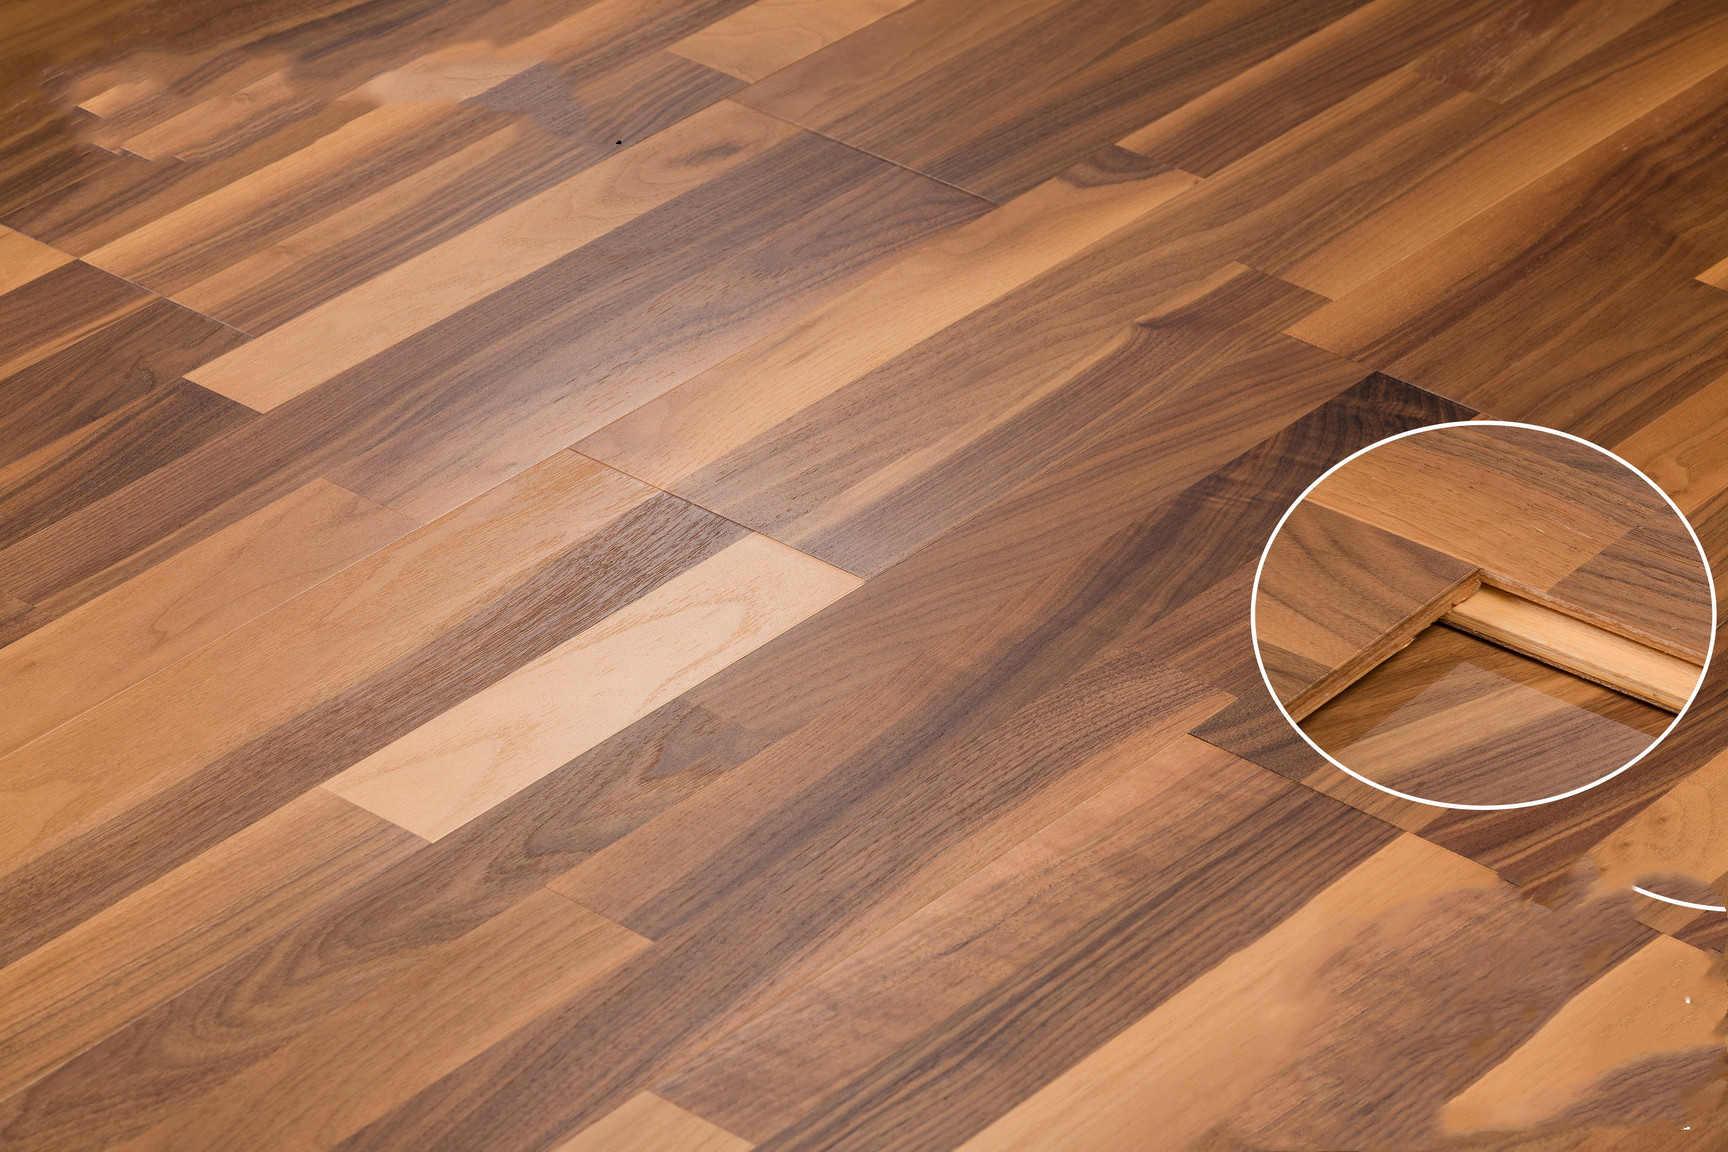 厂家推荐无锡进口三层实木地板想要购买好的无锡进口三层实木地板找哪家